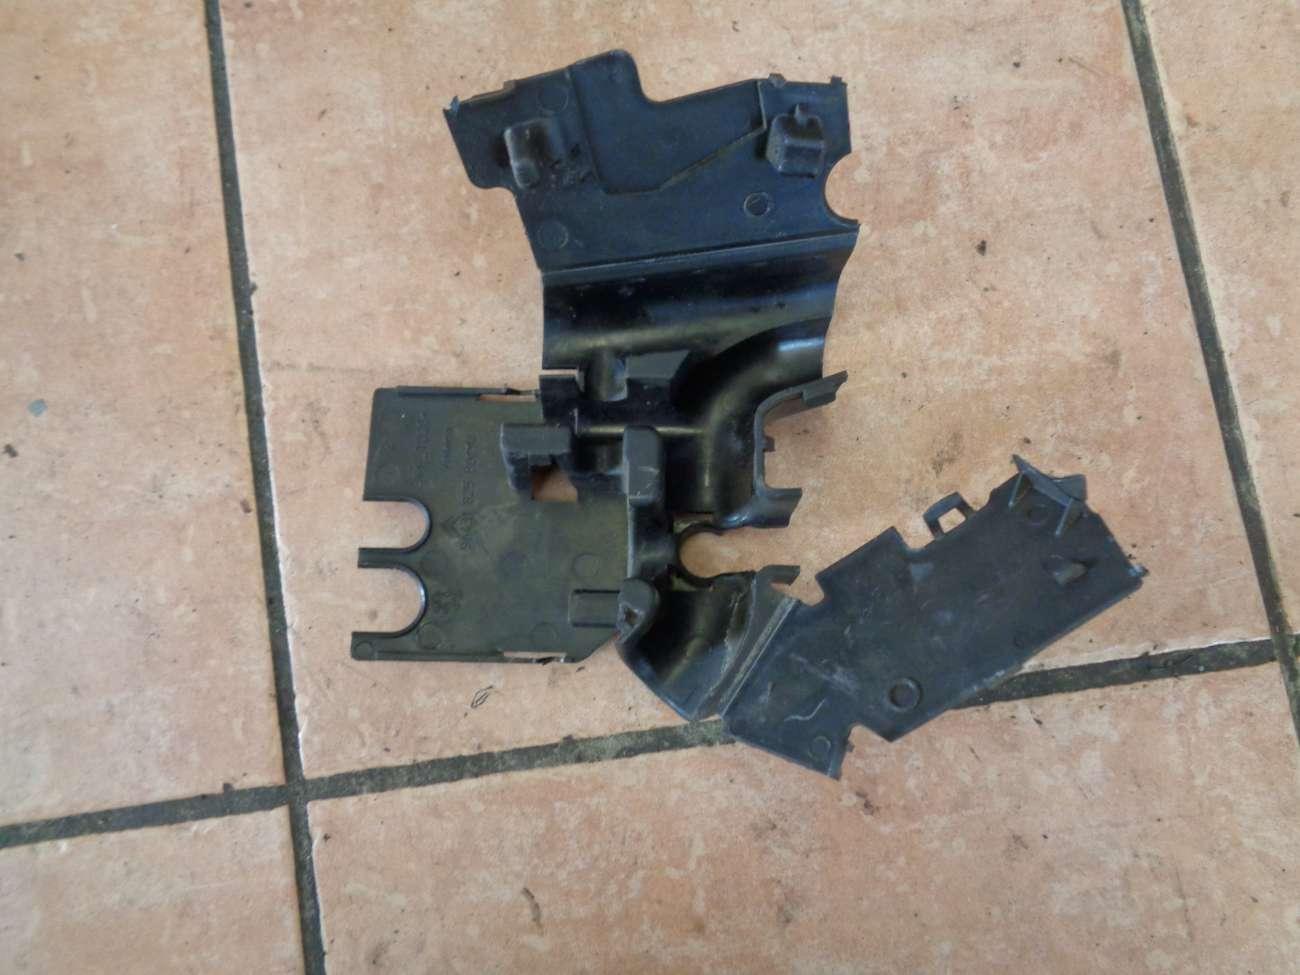 Peugeot 307 Bj.2004 Kabelschacht Kabelführung 9643182580